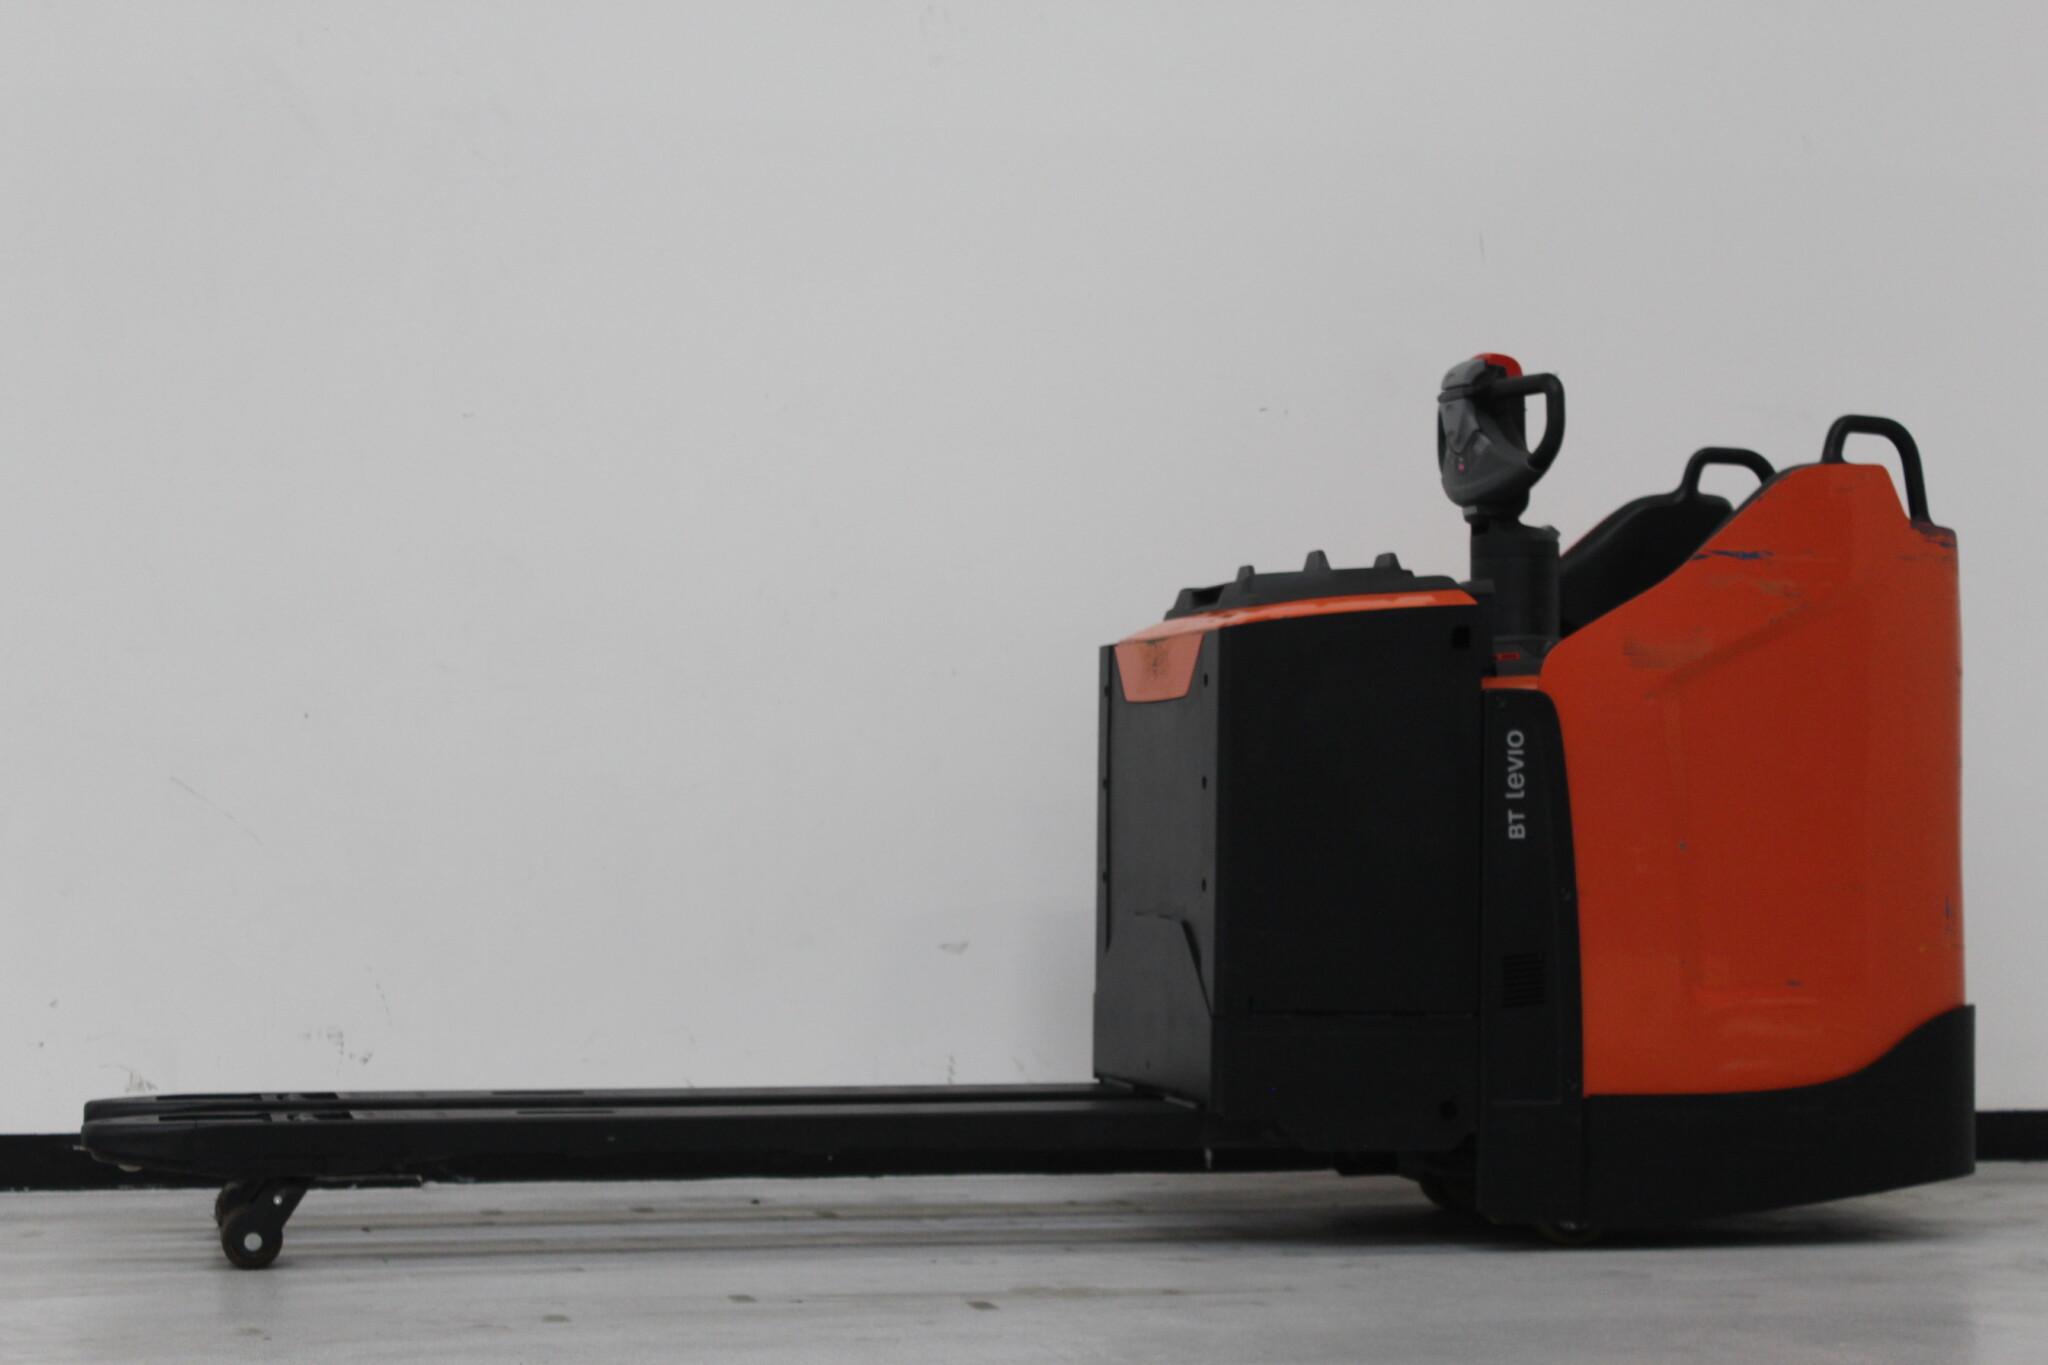 Toyota-Gabelstapler-59840 1901026623 1 scaled